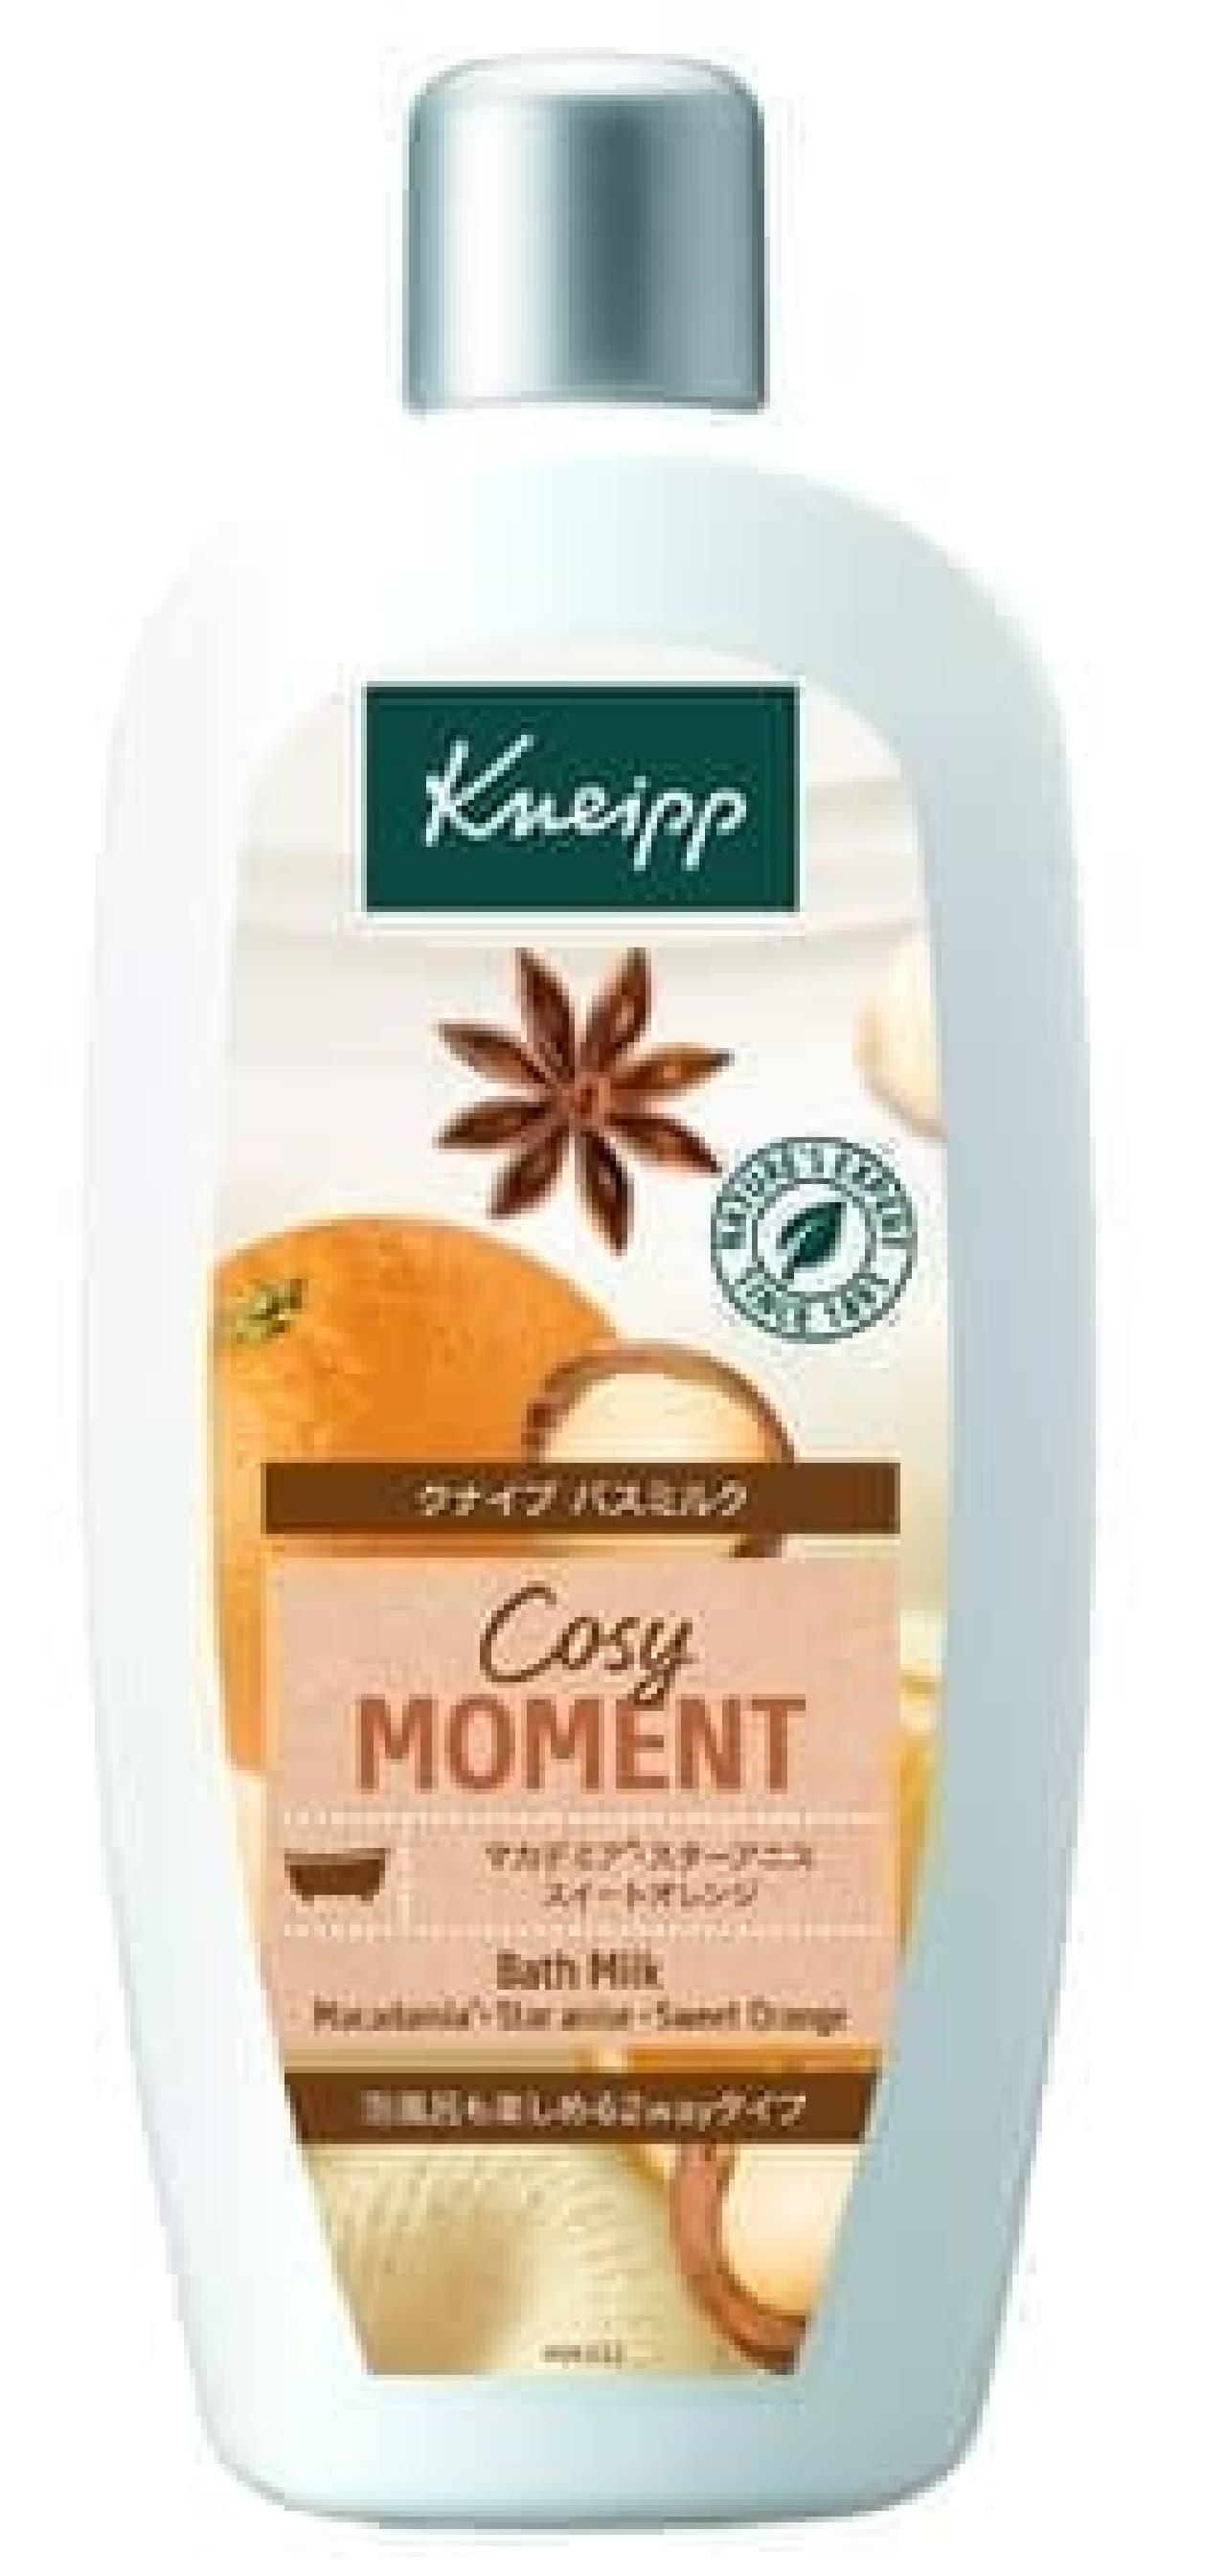 クナイプ「バスミルク コージーモーメント」